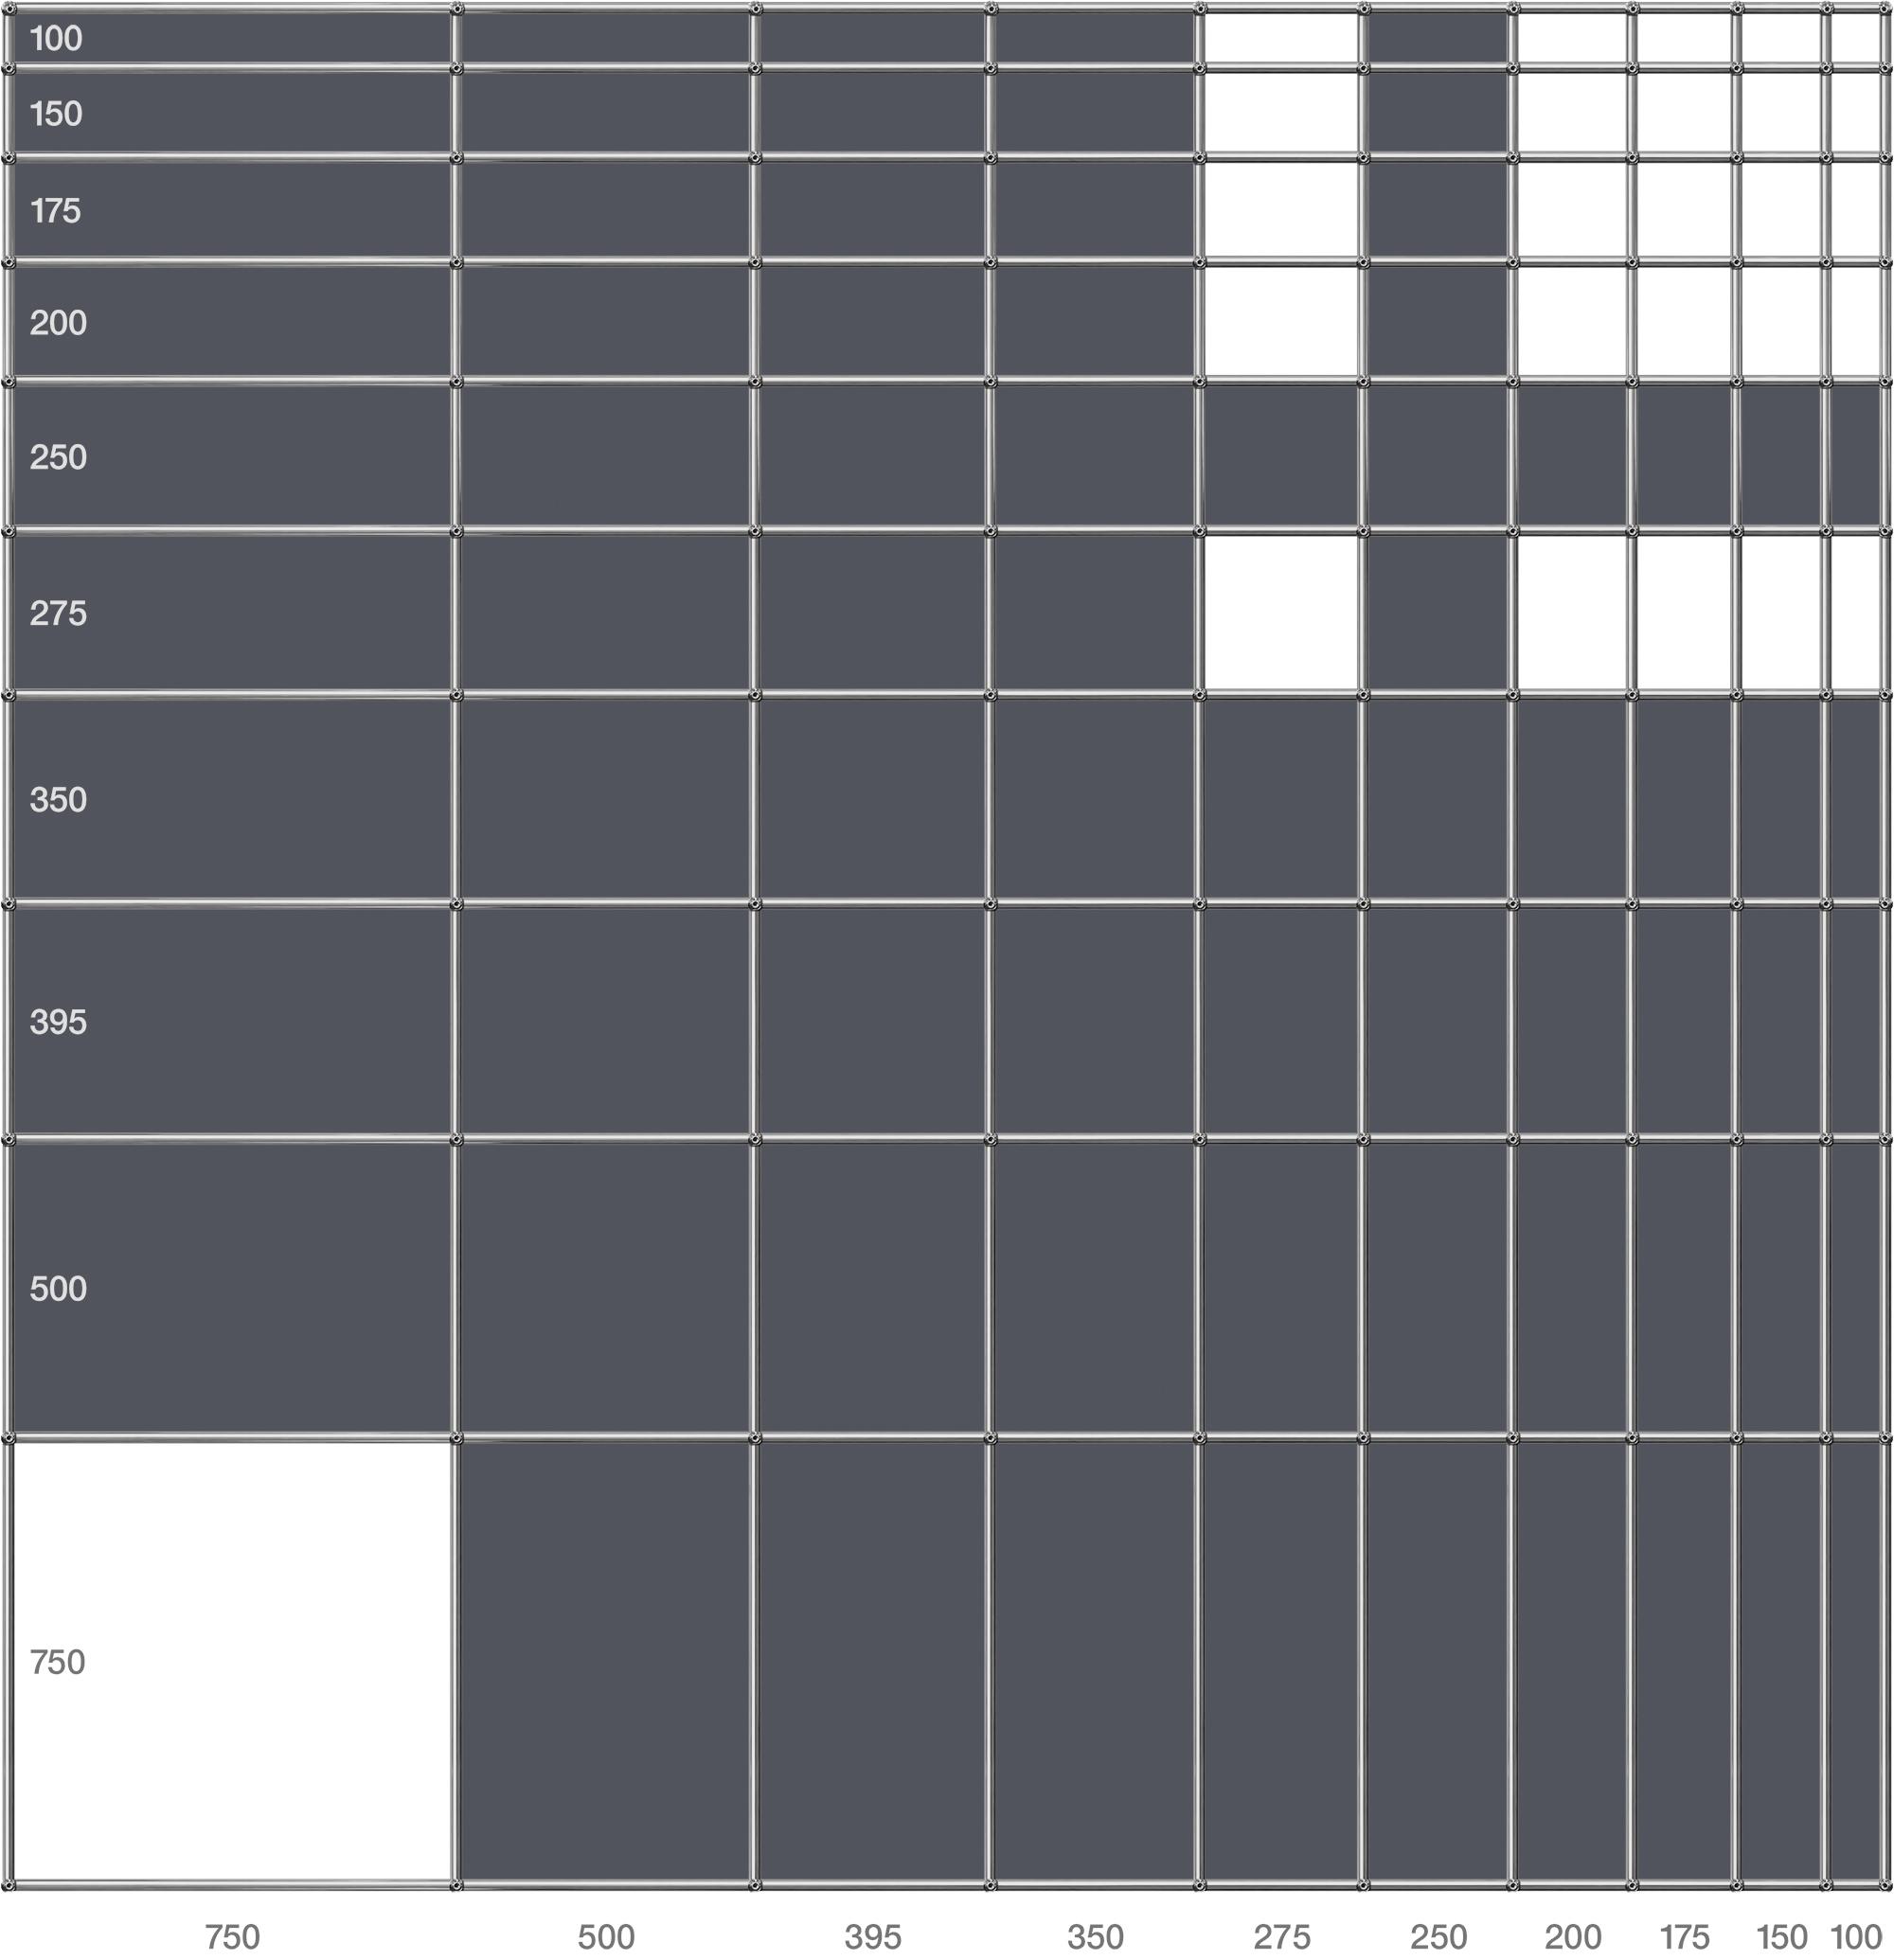 Full Size of Usm Regal Konfigurator Haller Regalsysteme Gebraucht Regalsystem Doctoral Regalia Weiss Abbau Abbauen Auseinanderbauen Schwarz Occasion Wohn Design Systeme Regal Usm Regal